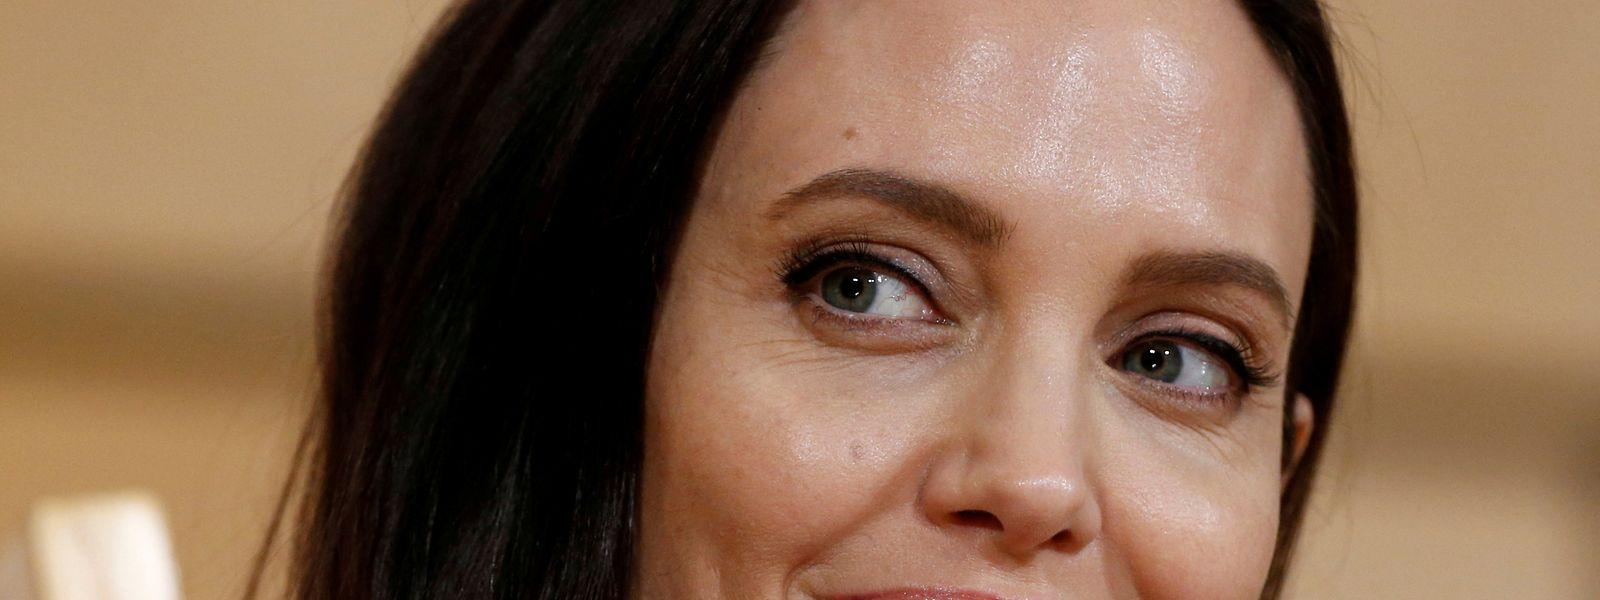 Angelina Jolie findet es lächerlich, als Sexsymbol angesehen zu werden.